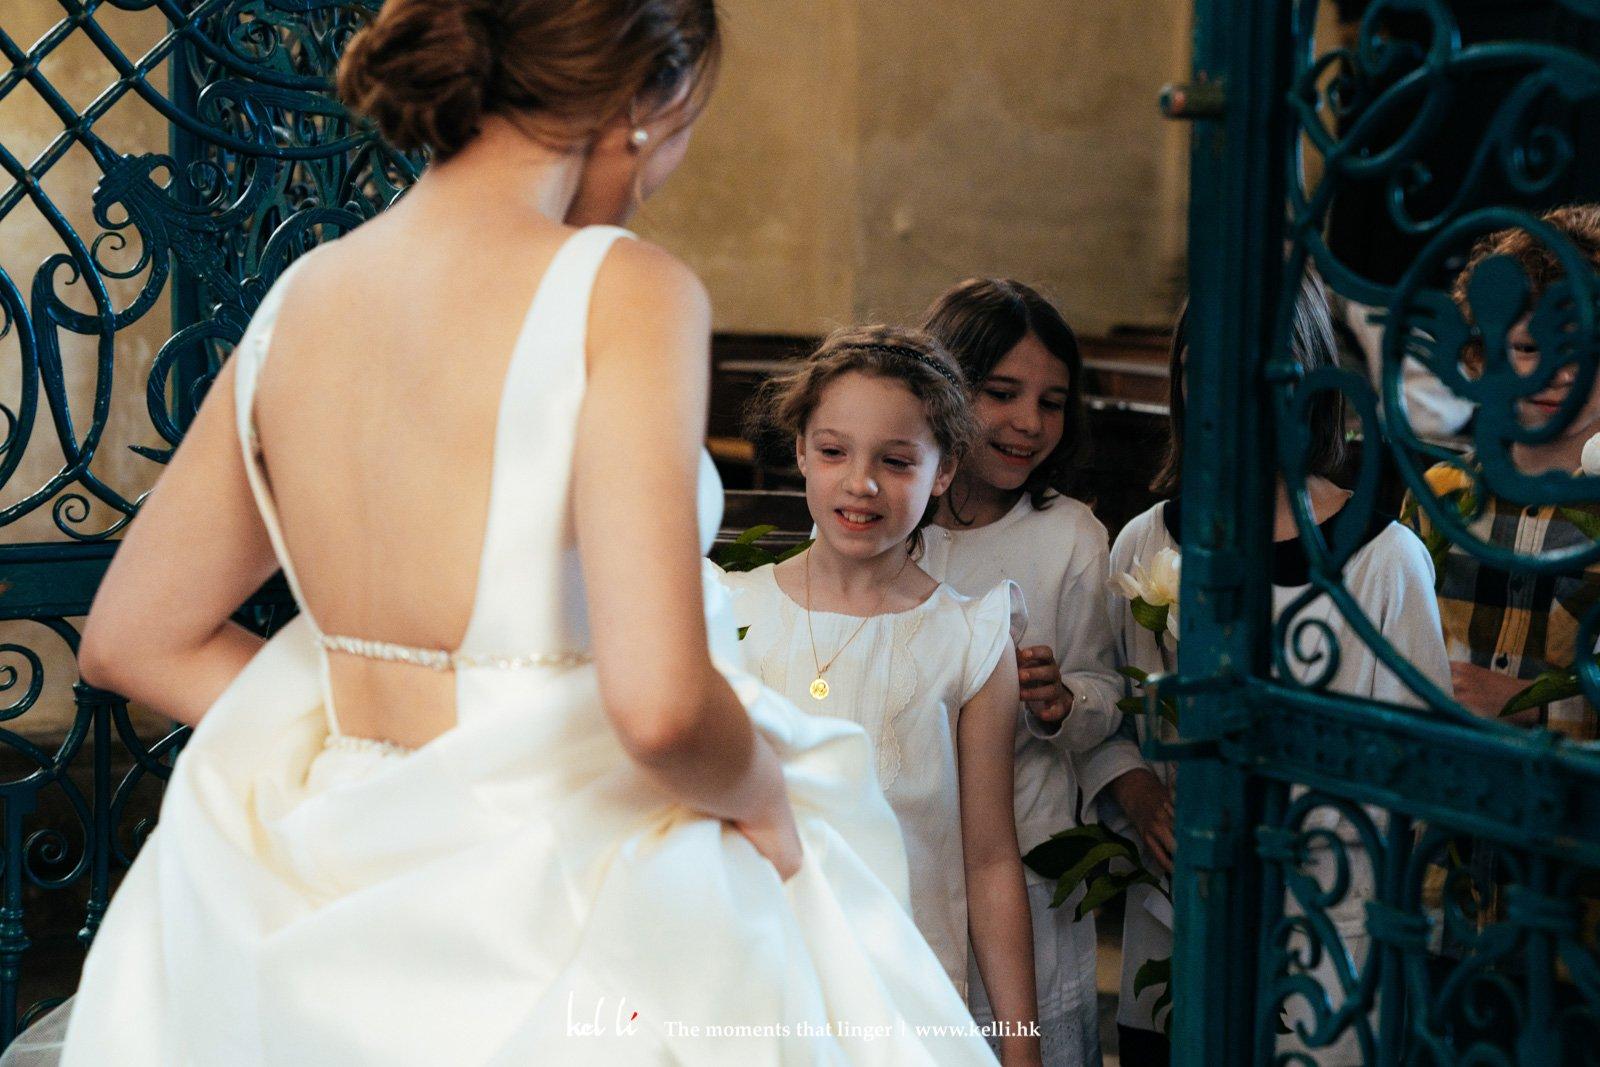 小孩子送花祝福正在拍攝pre wedding的近娘子